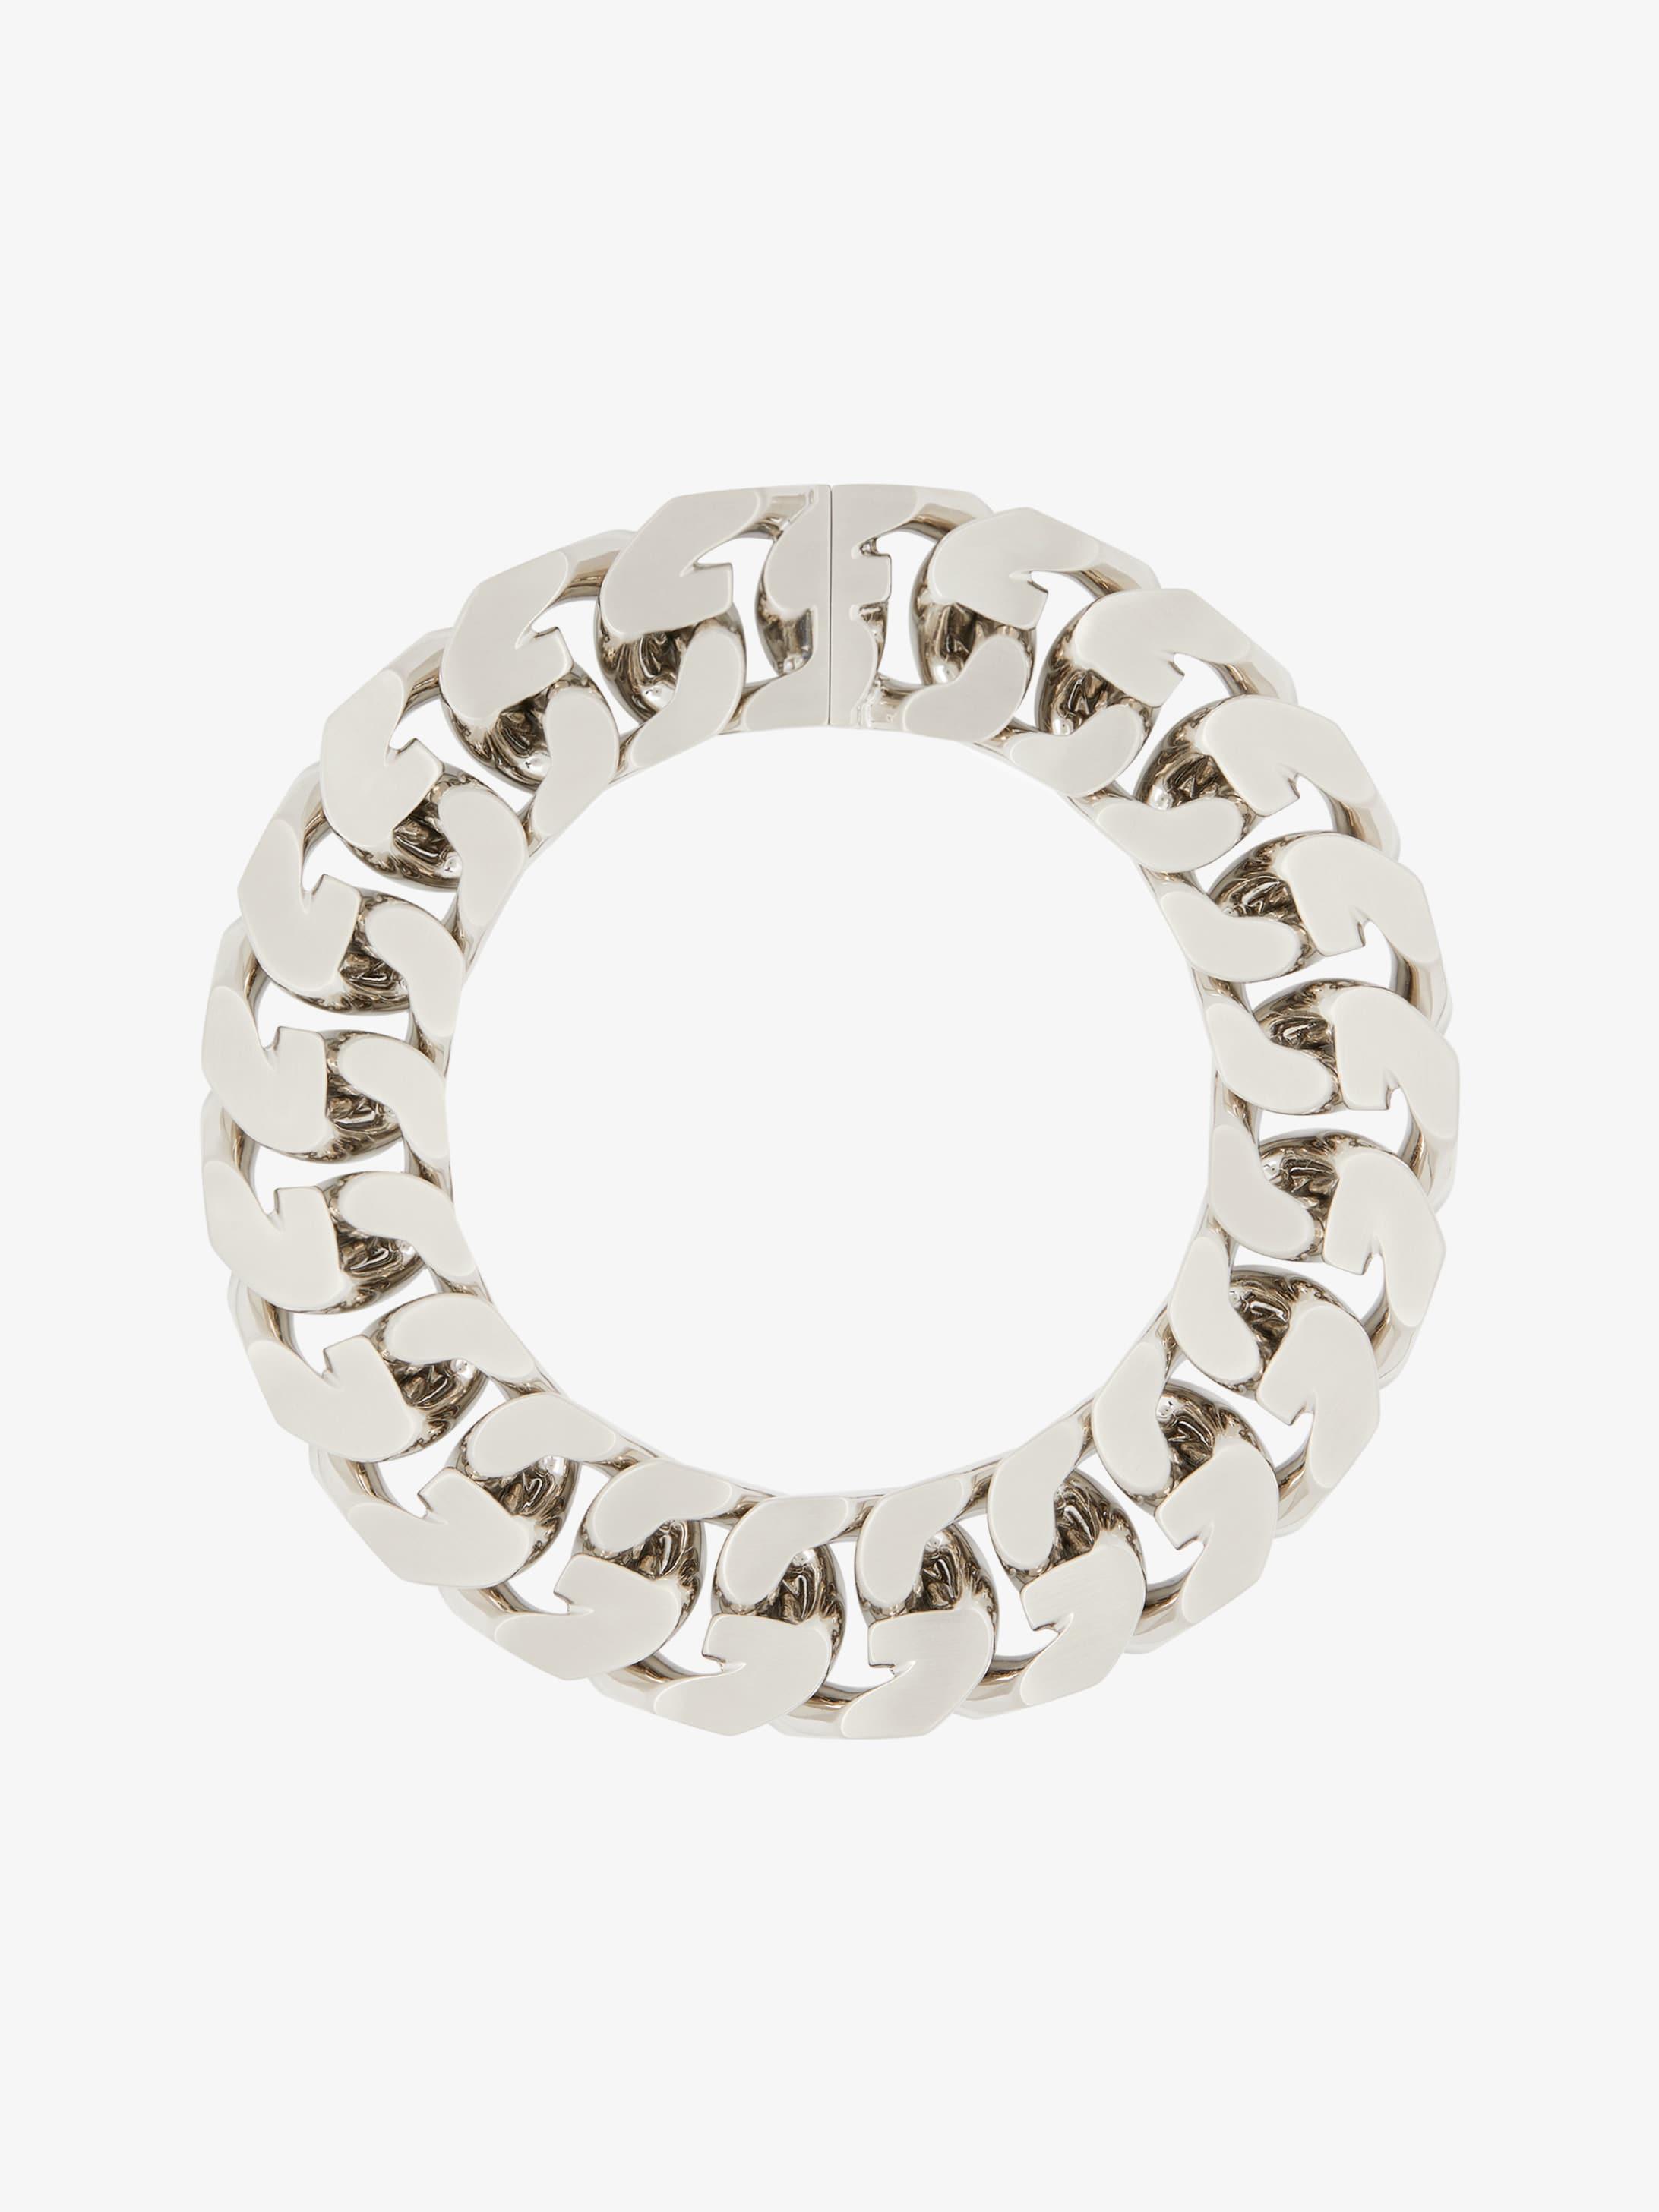 Collana G Chain